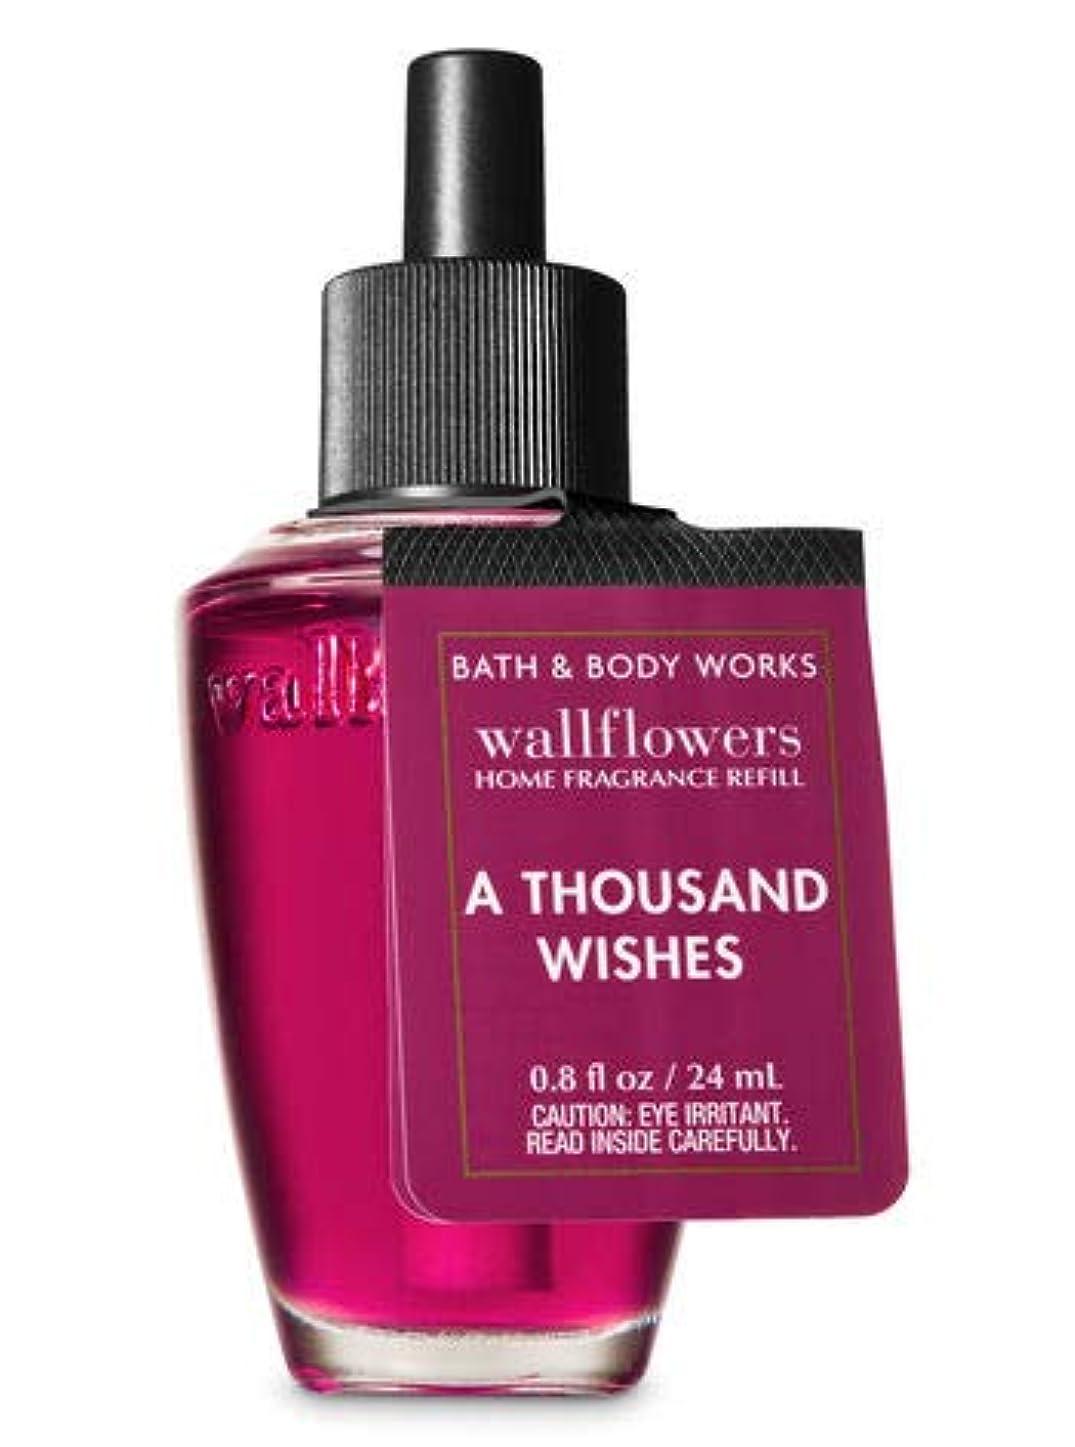 お香マウスおとうさん【Bath&Body Works/バス&ボディワークス】 ルームフレグランス 詰替えリフィル アサウザンドウィッシュ Wallflowers Home Fragrance Refill A Thousand Wishes [並行輸入品]